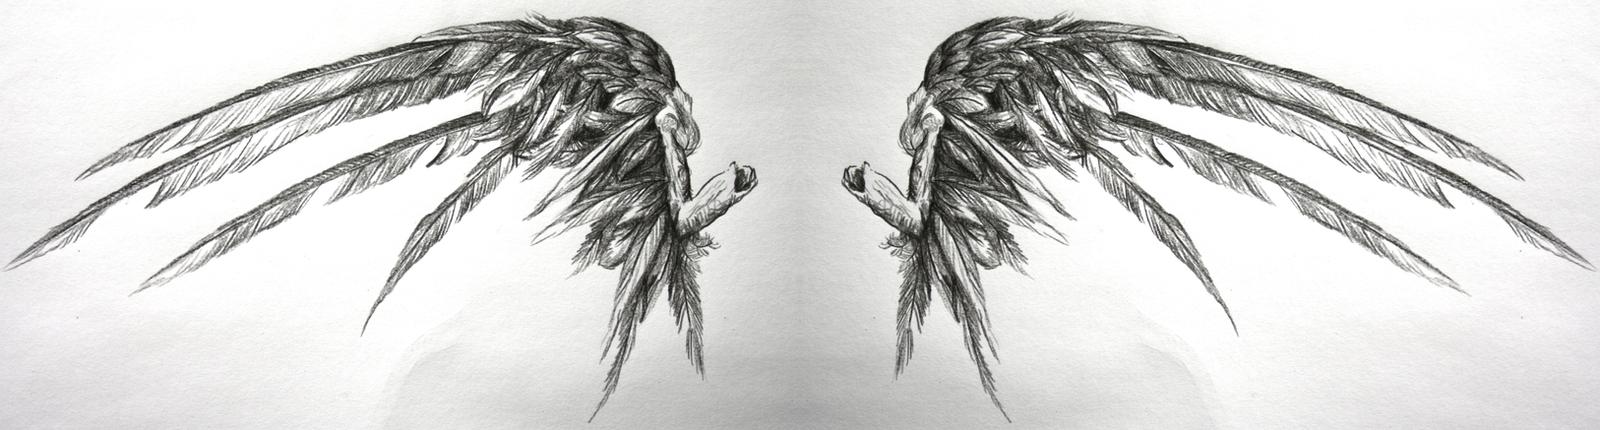 another fallen angel wings by SwarzezTier